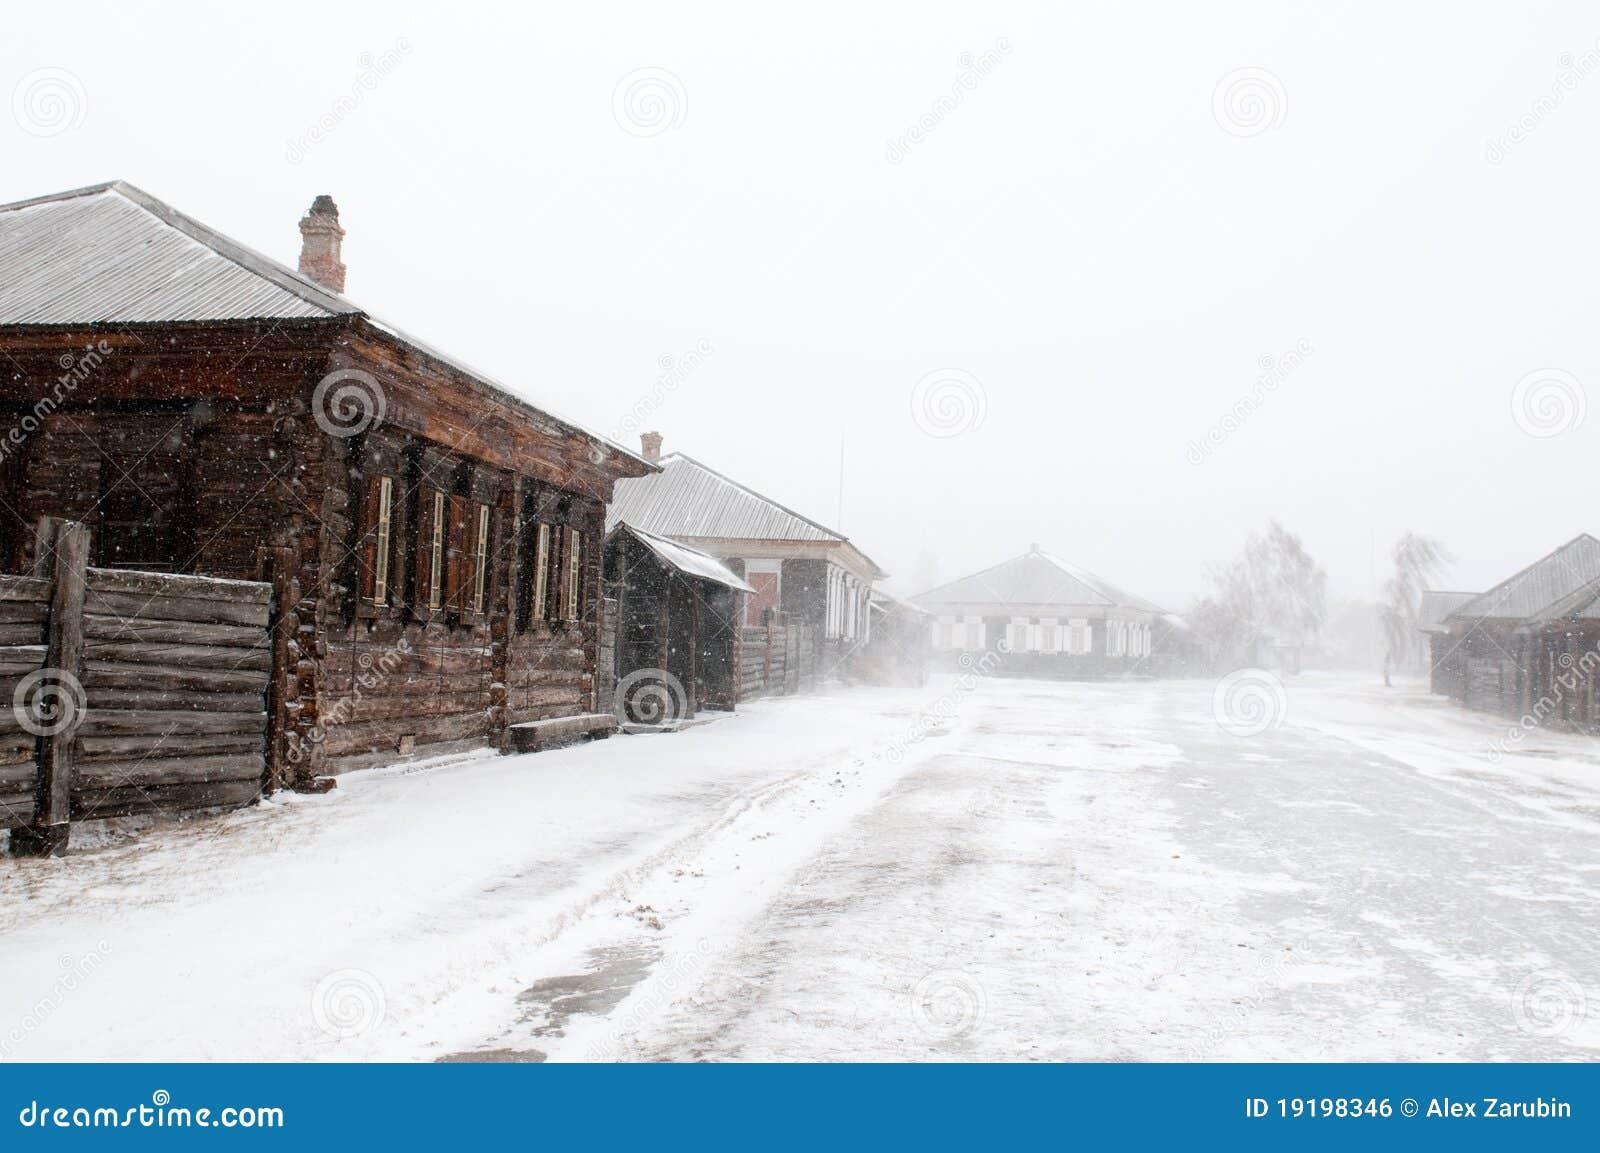 Siberian urban-type settlement Shushenskoye